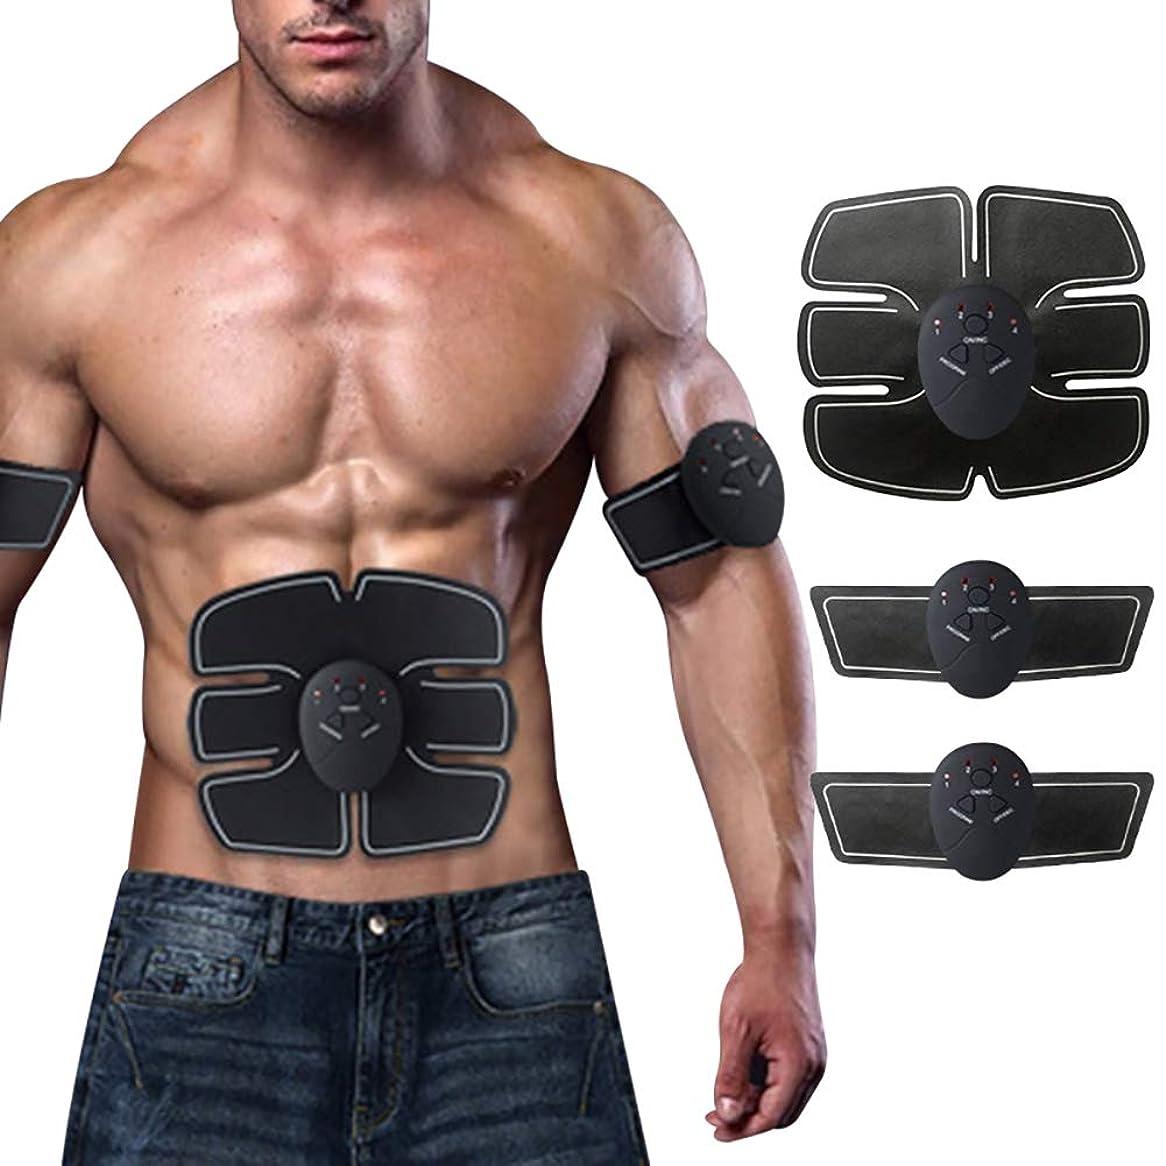 見習い二年生隠スマートフィットネス腹部器具、EMSテクノロジー腹部および腕筋刺激トレーナー筋肉運動怠Exerciseな家族フィットネス機器,A,Charging